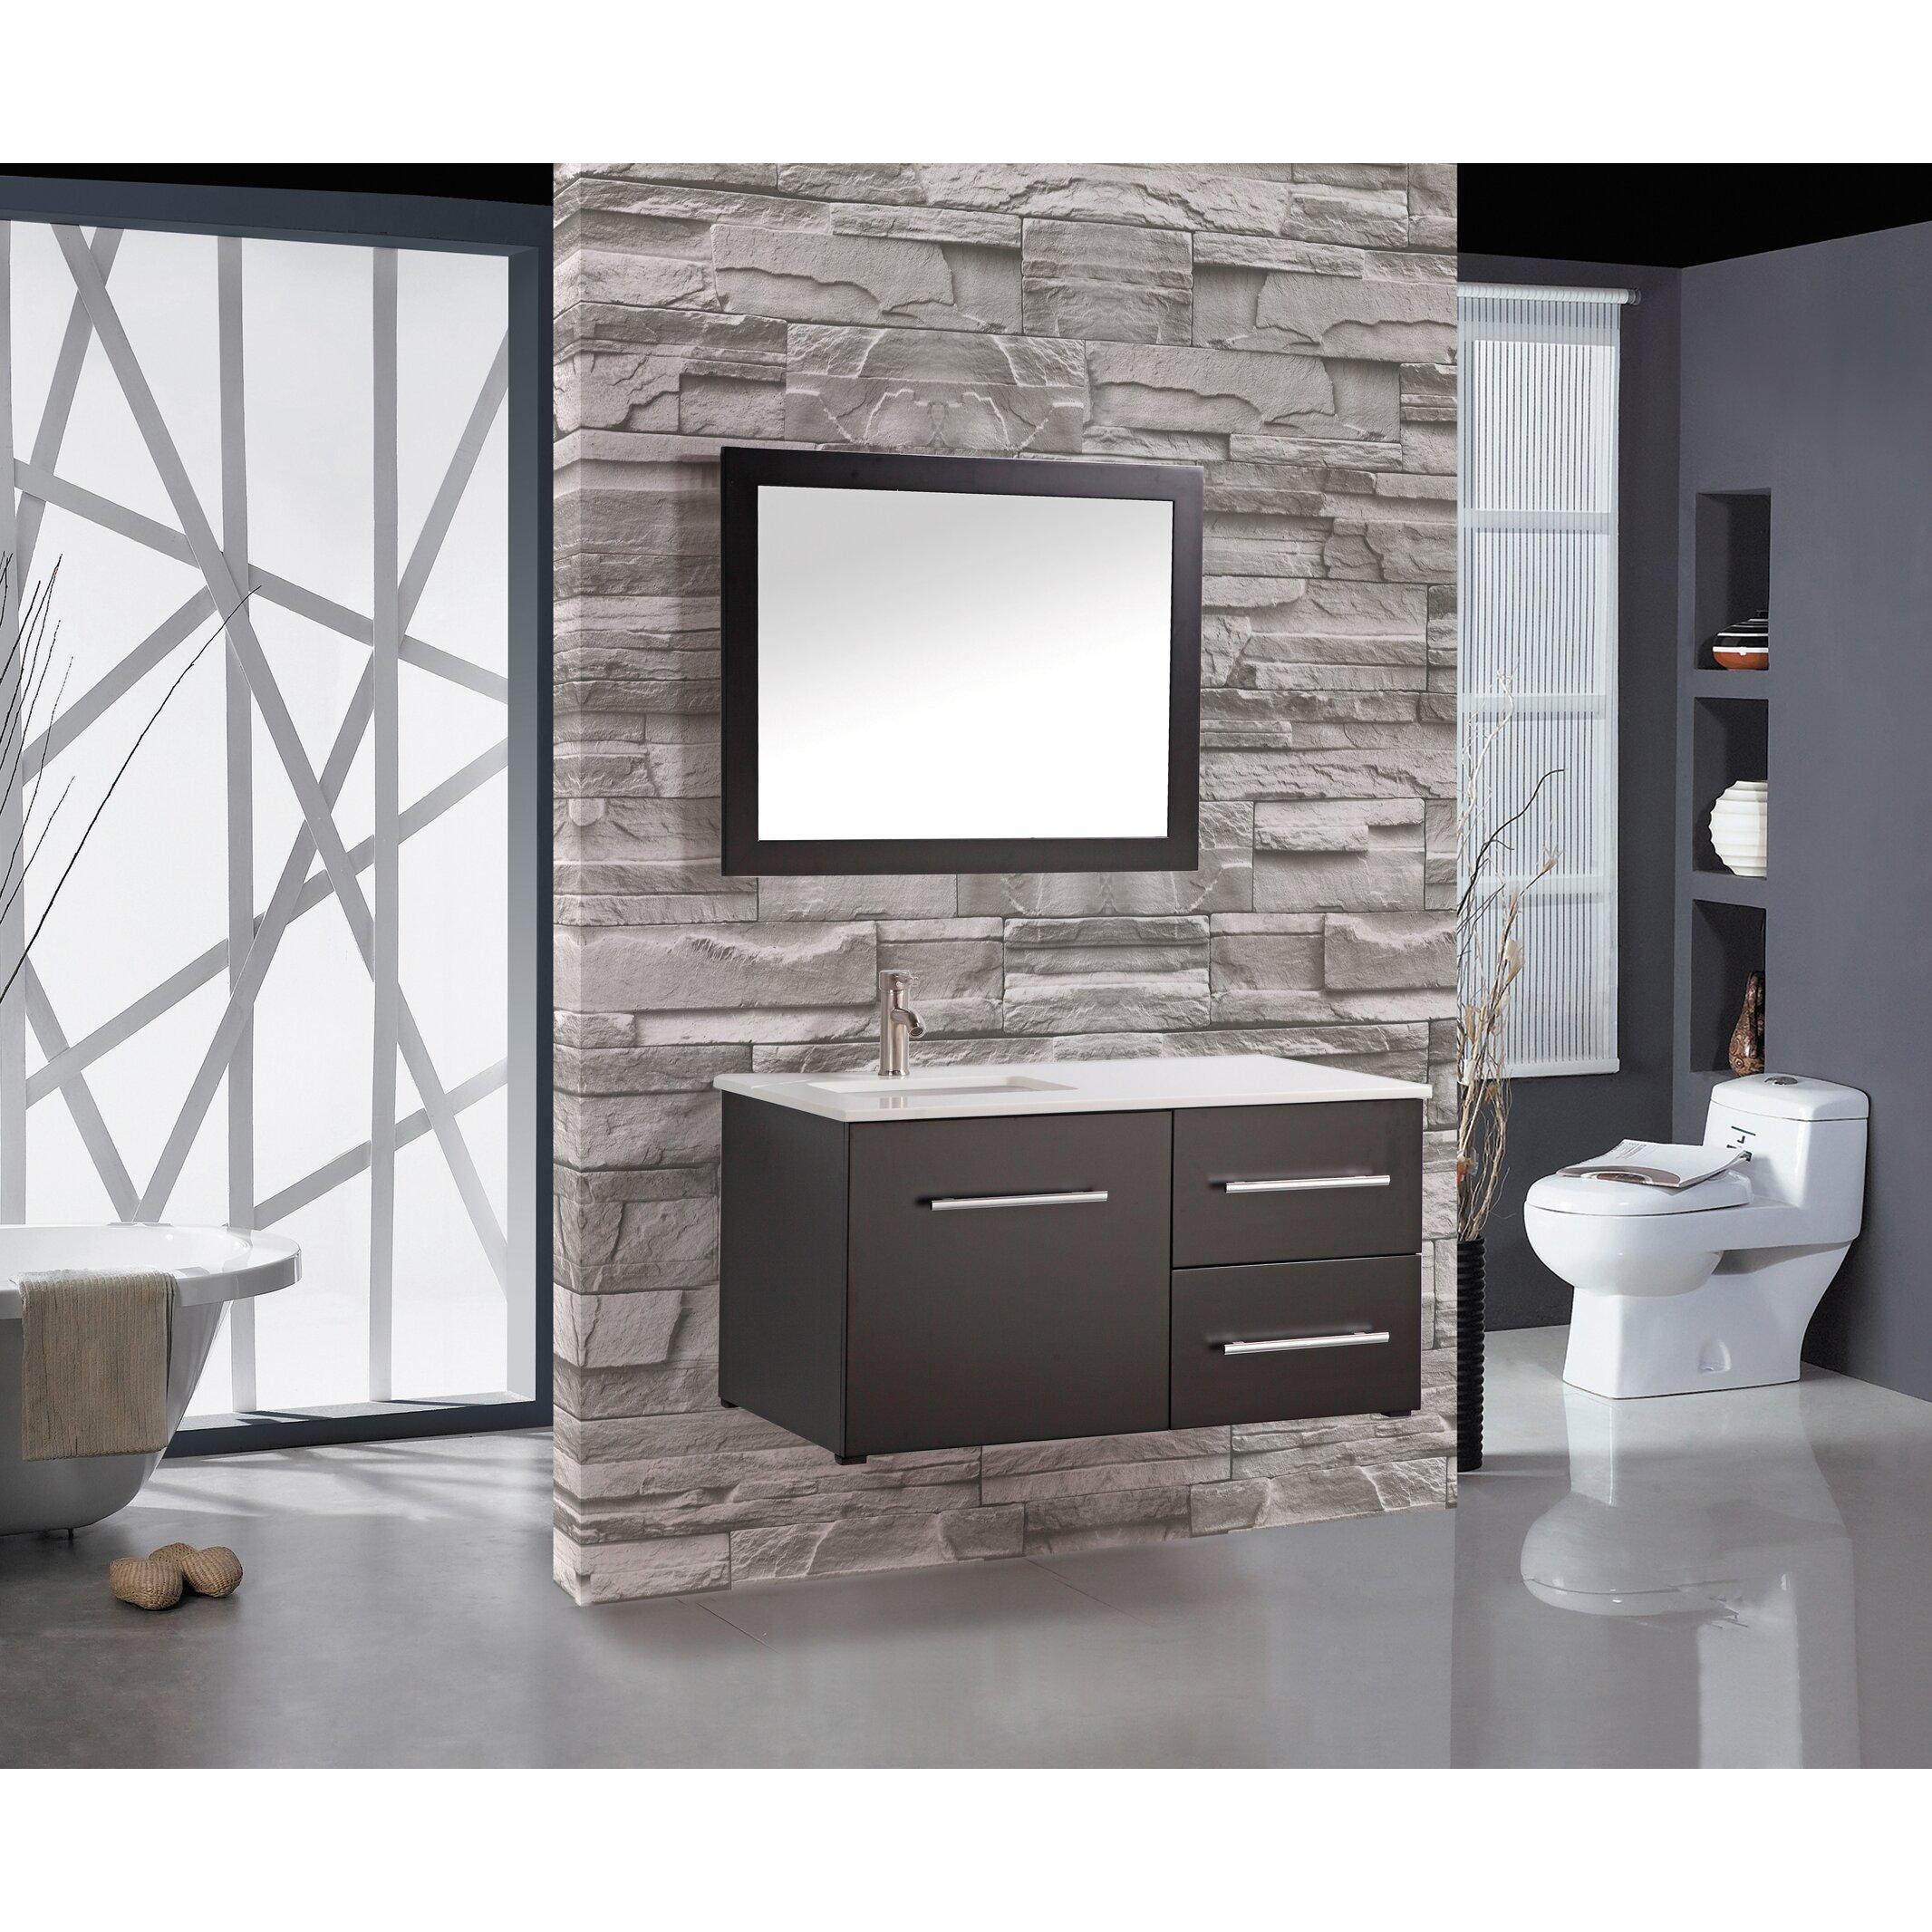 Nepal 41 single sink wall mounted bathroom vanity set for Bathroom designs in nepal